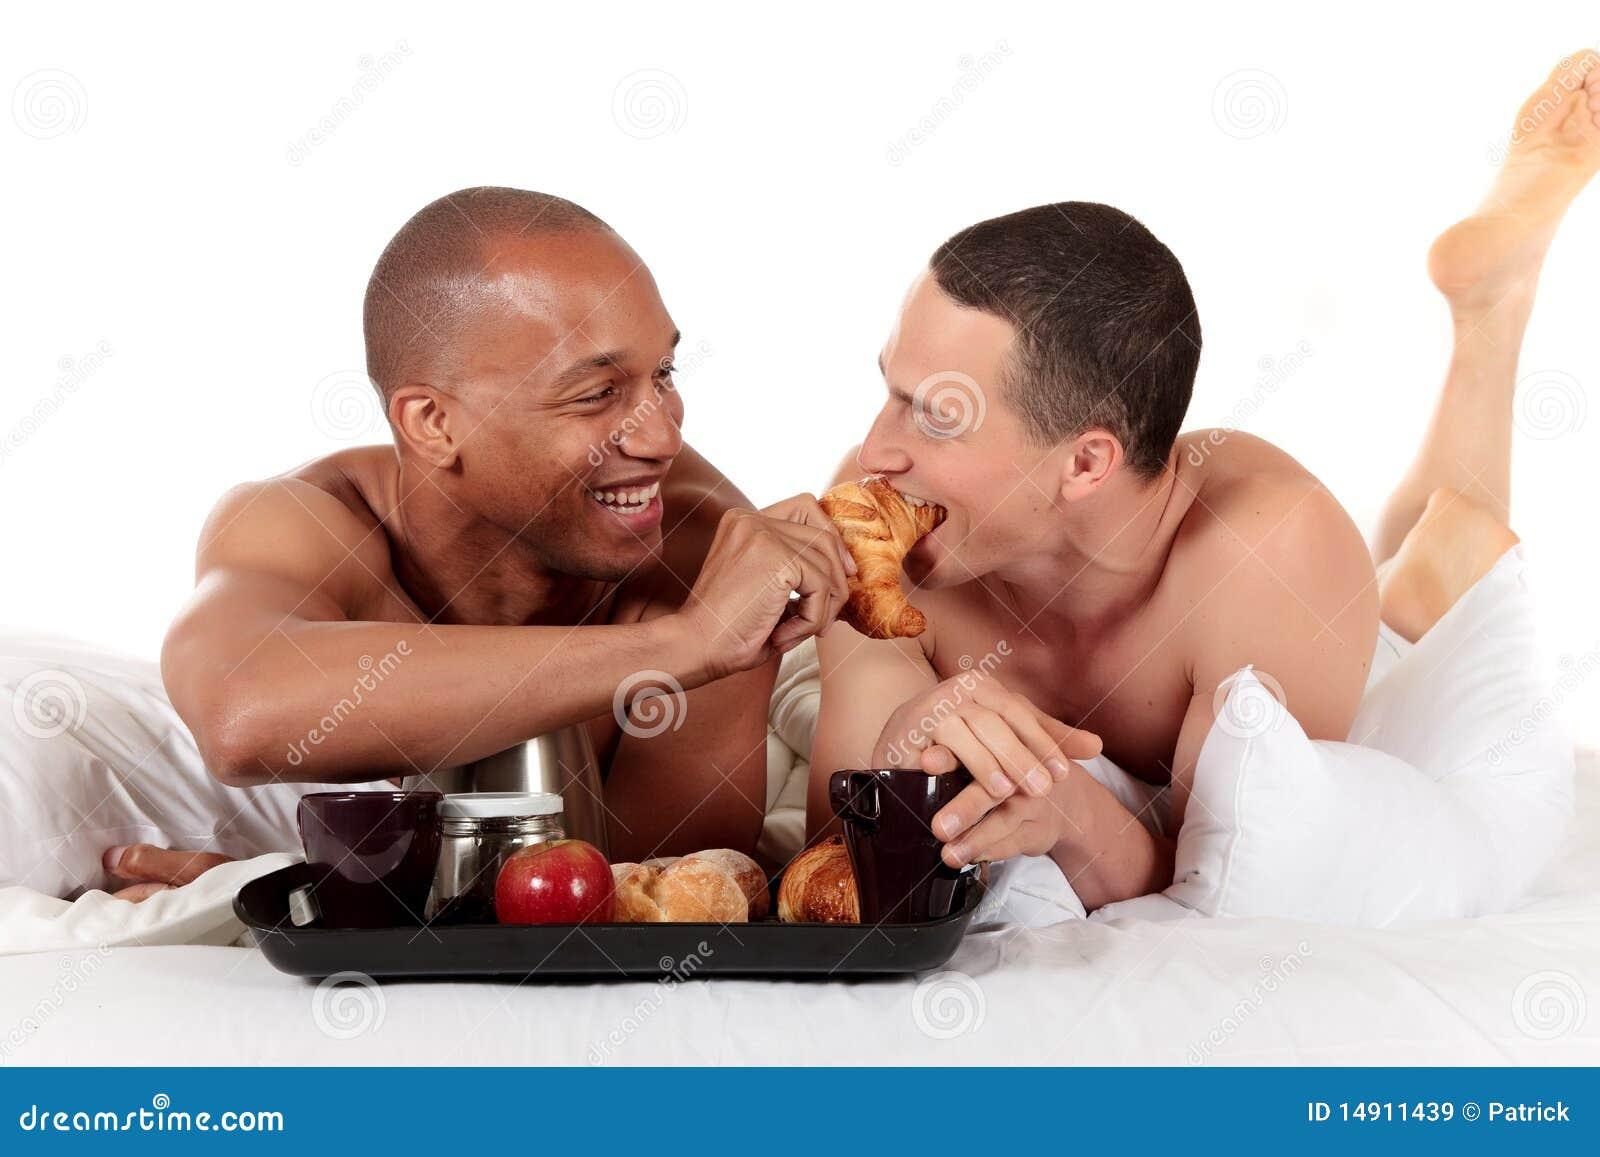 MischEthniehomosexuellpaare